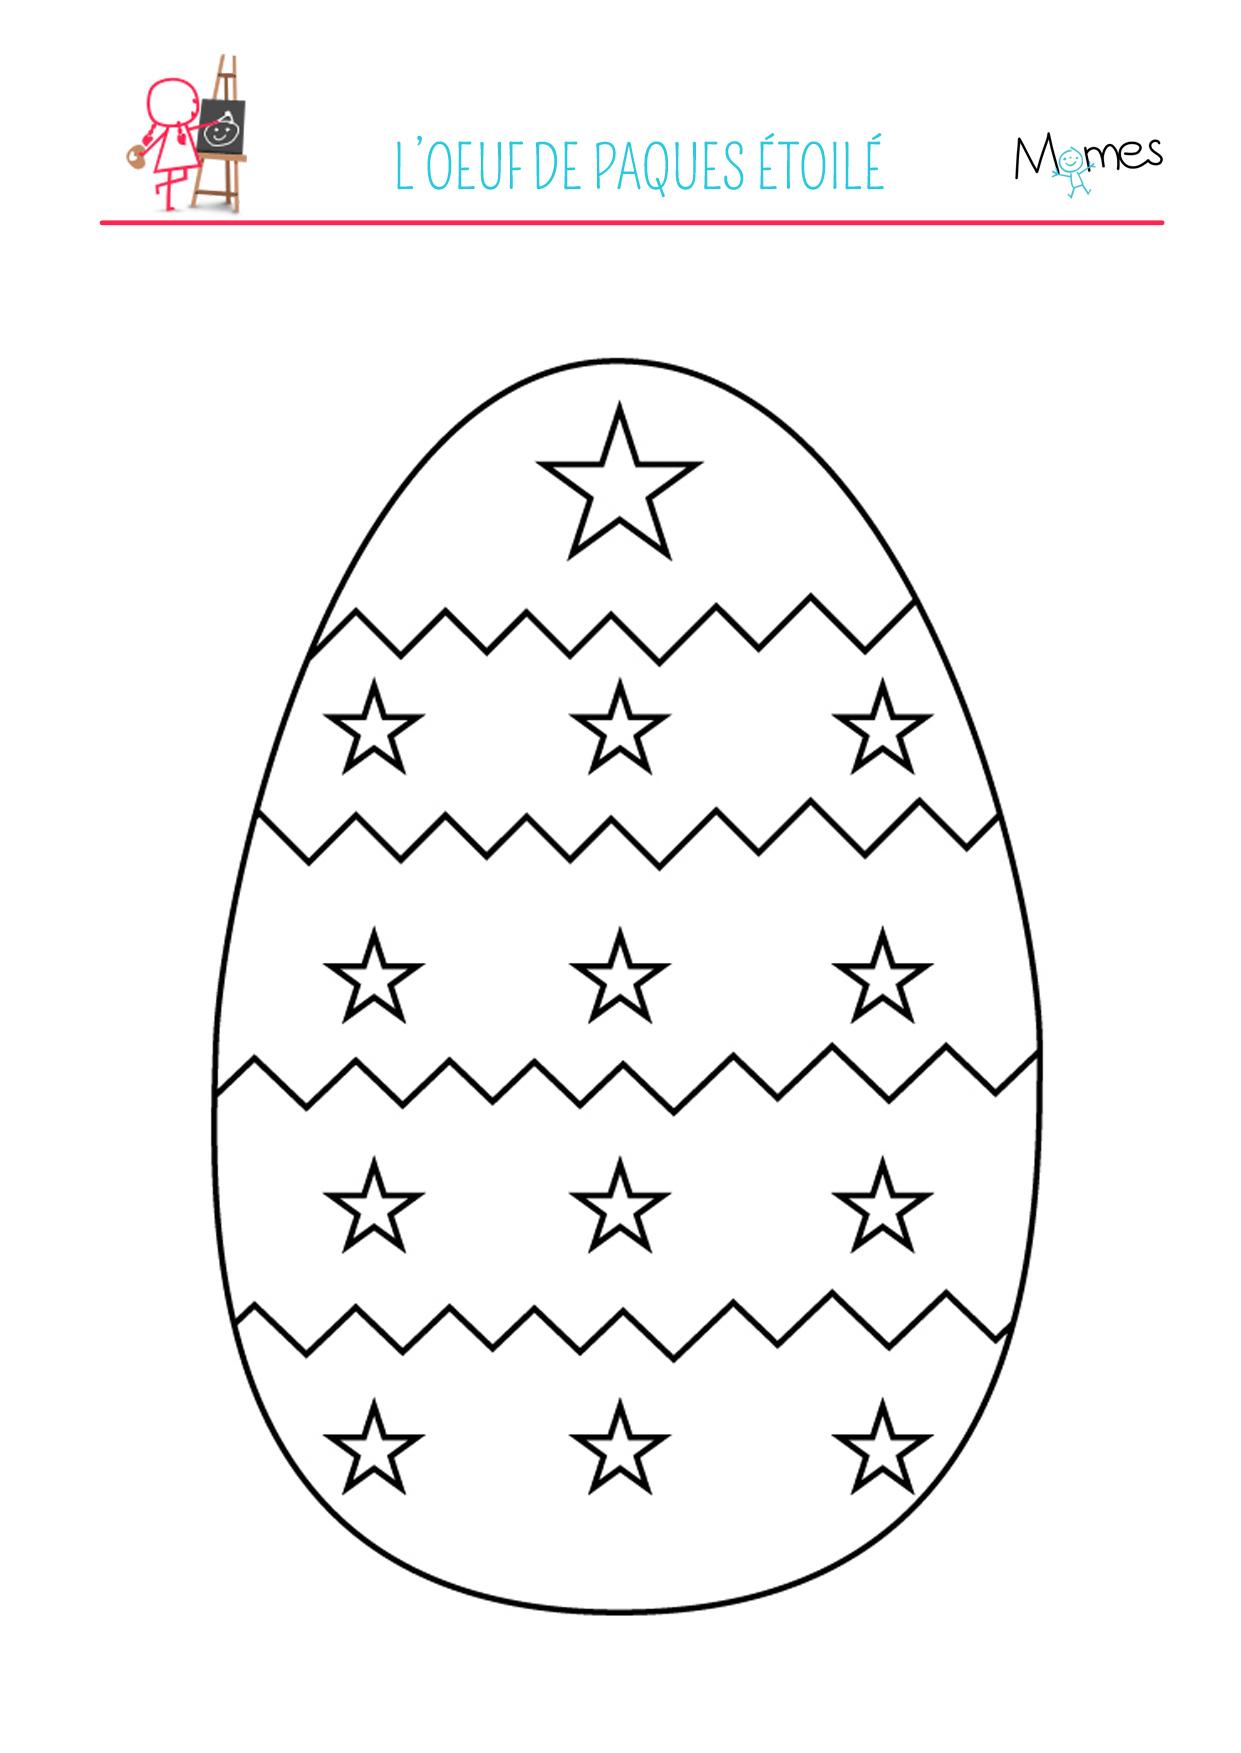 Coloriage De L'Œuf De Pâques Étoilé - Momes destiné Dessin Oeuf De Paques